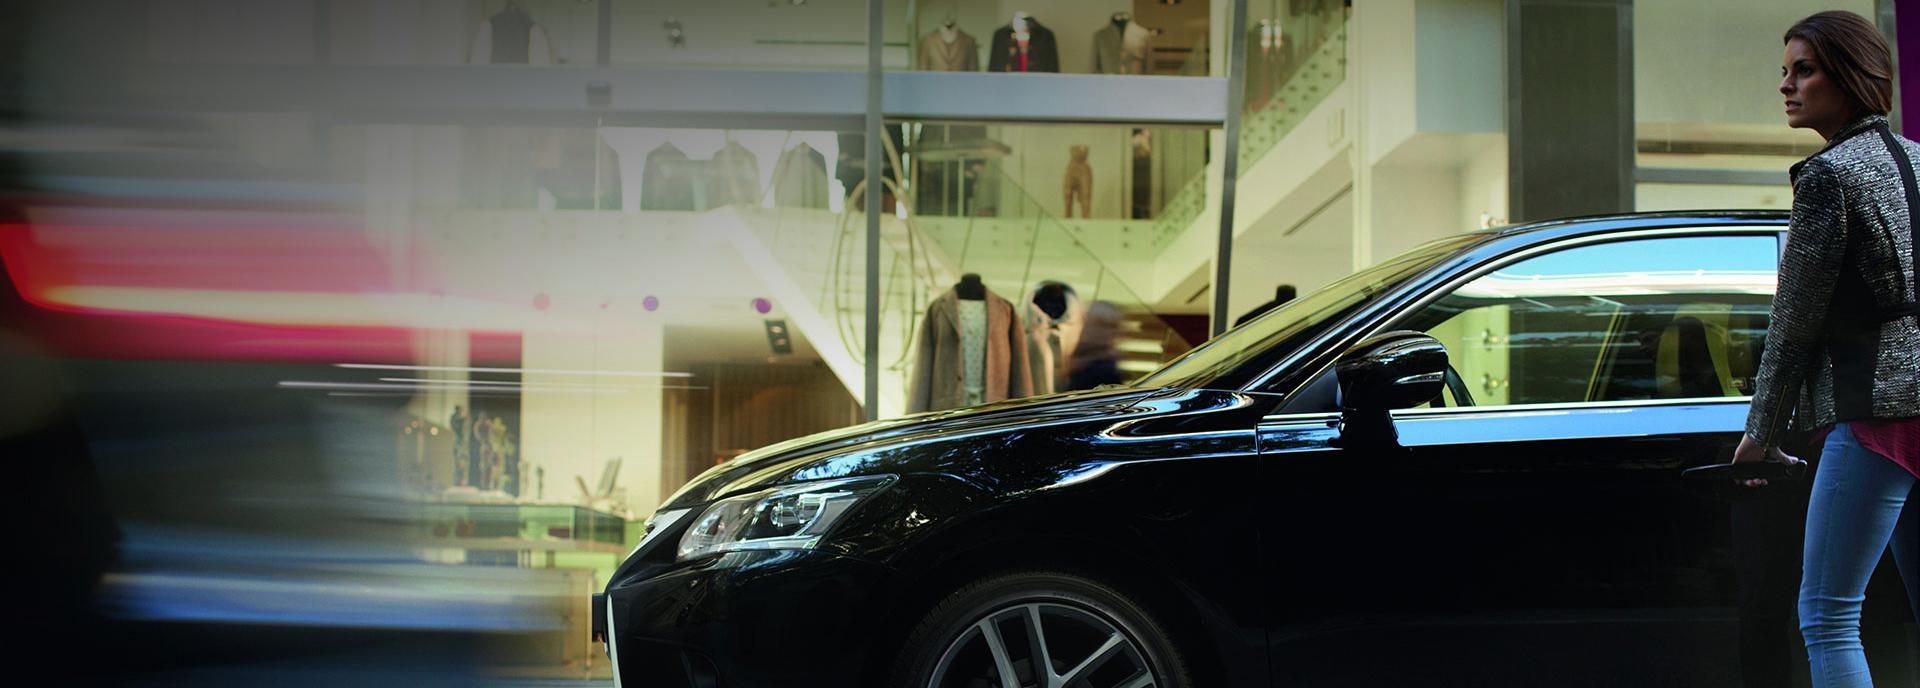 Zijaanzicht van een zwarte Lexus CT 200h